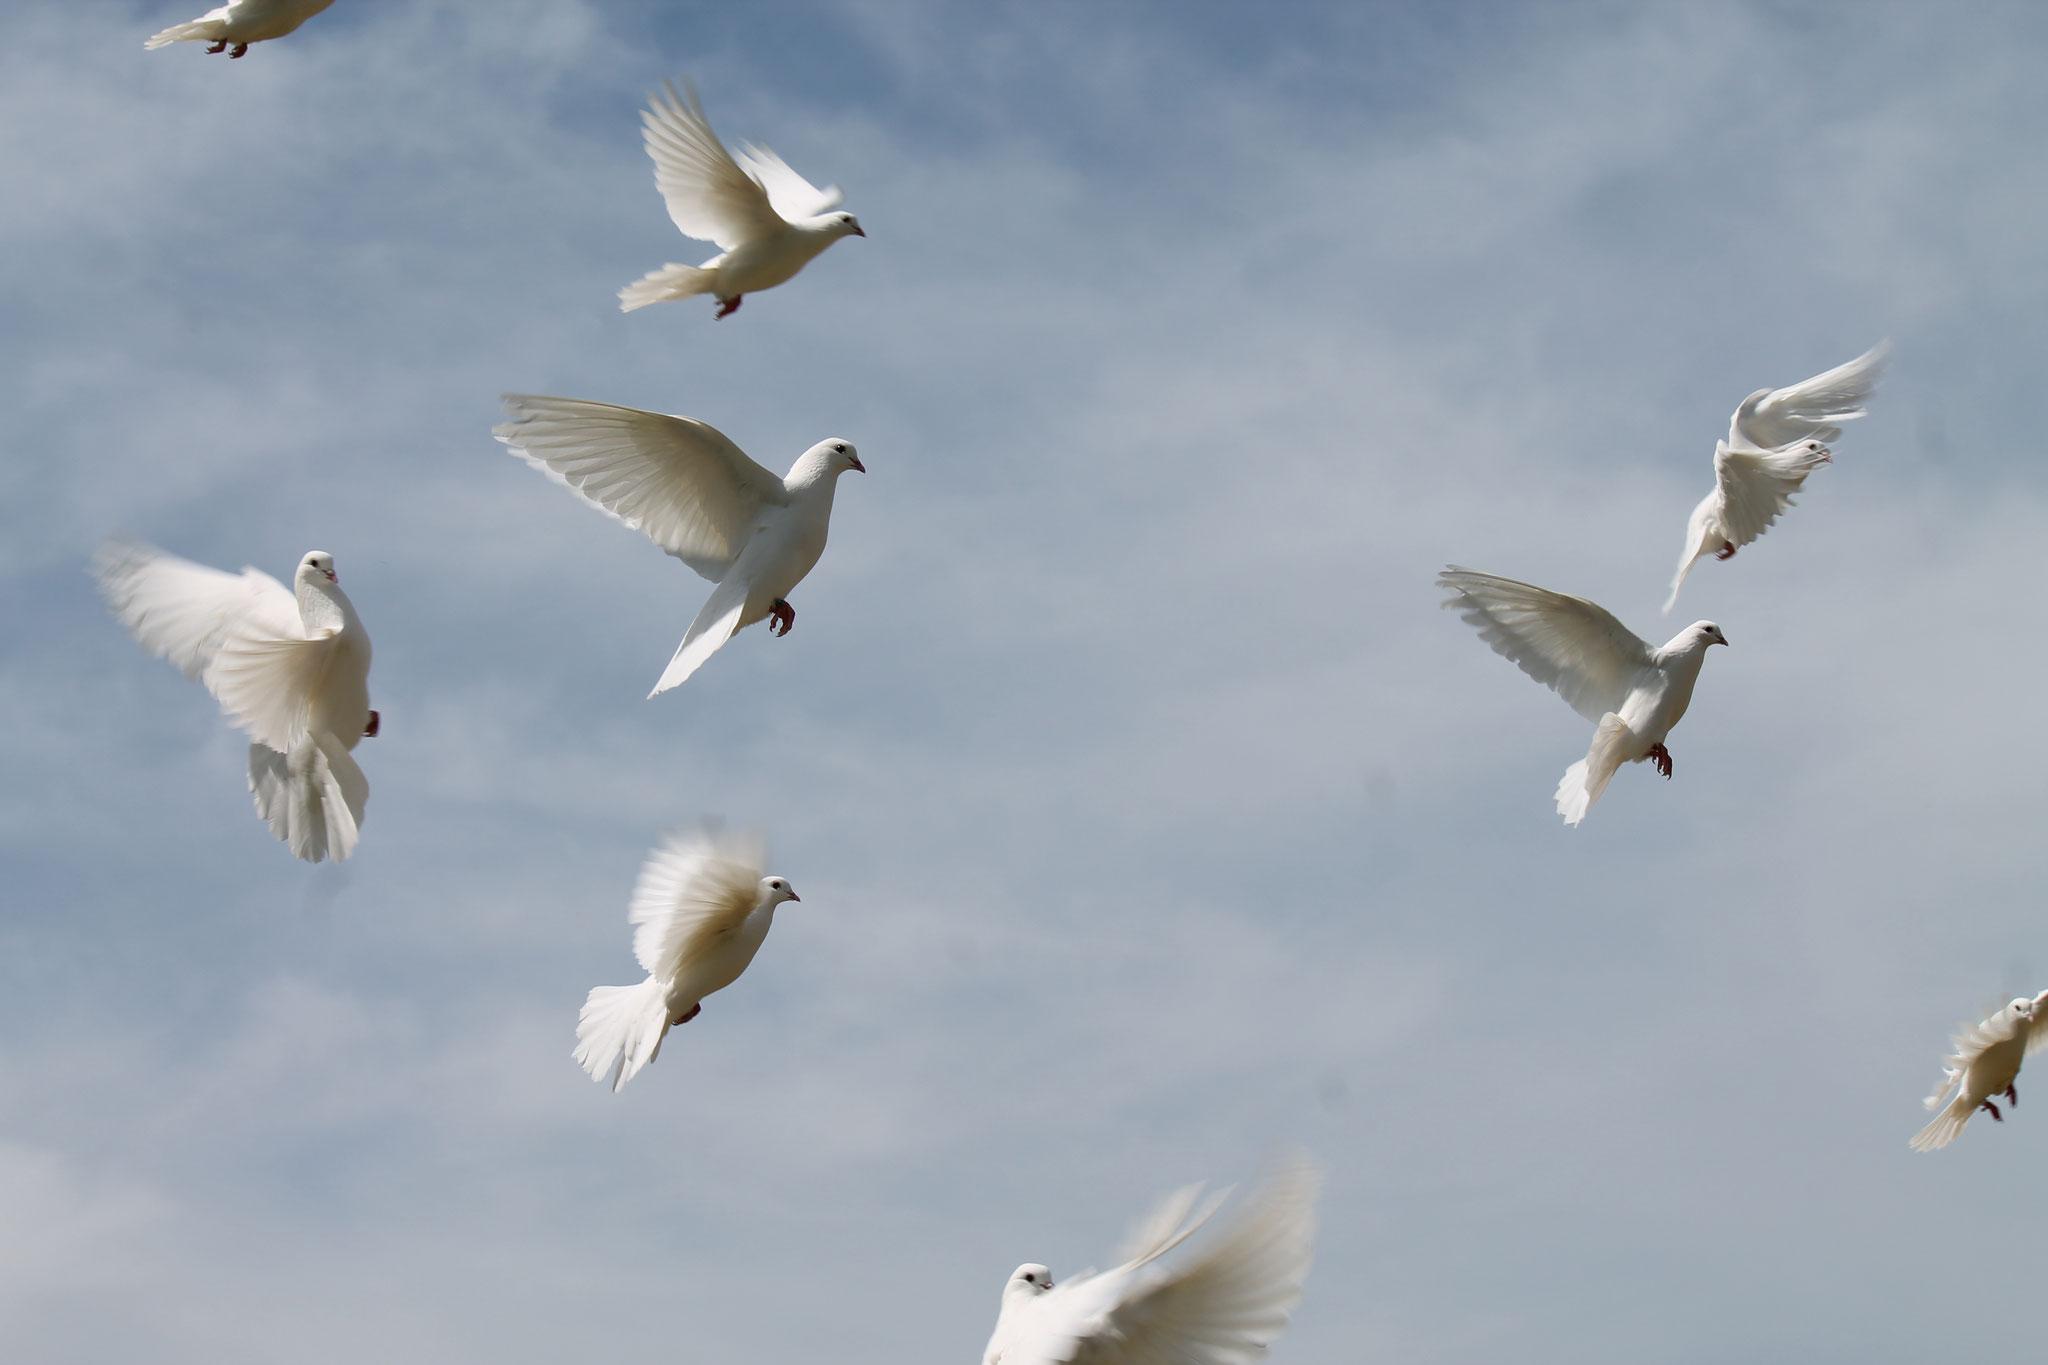 die weißen Tauben sind wieder da kurz vorm landen